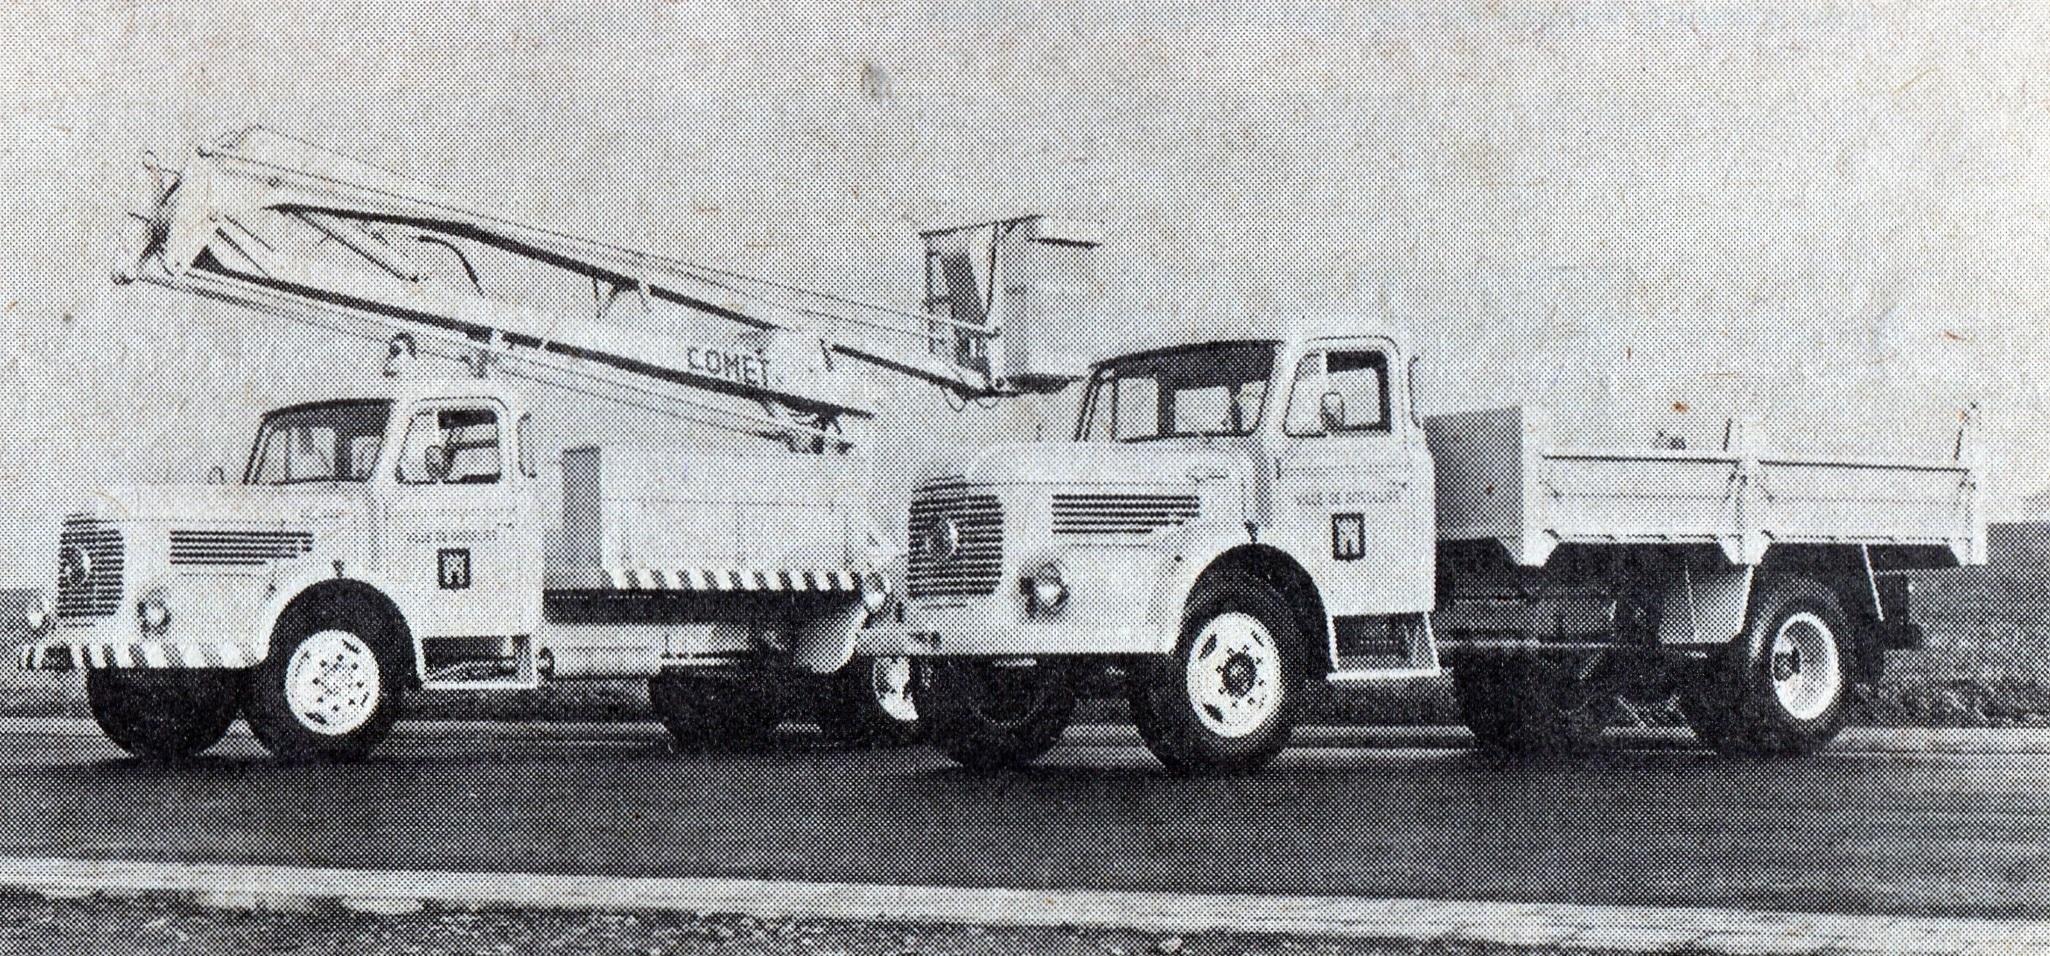 Steyer-480Z-stad-Gosselies-107-PK-motor